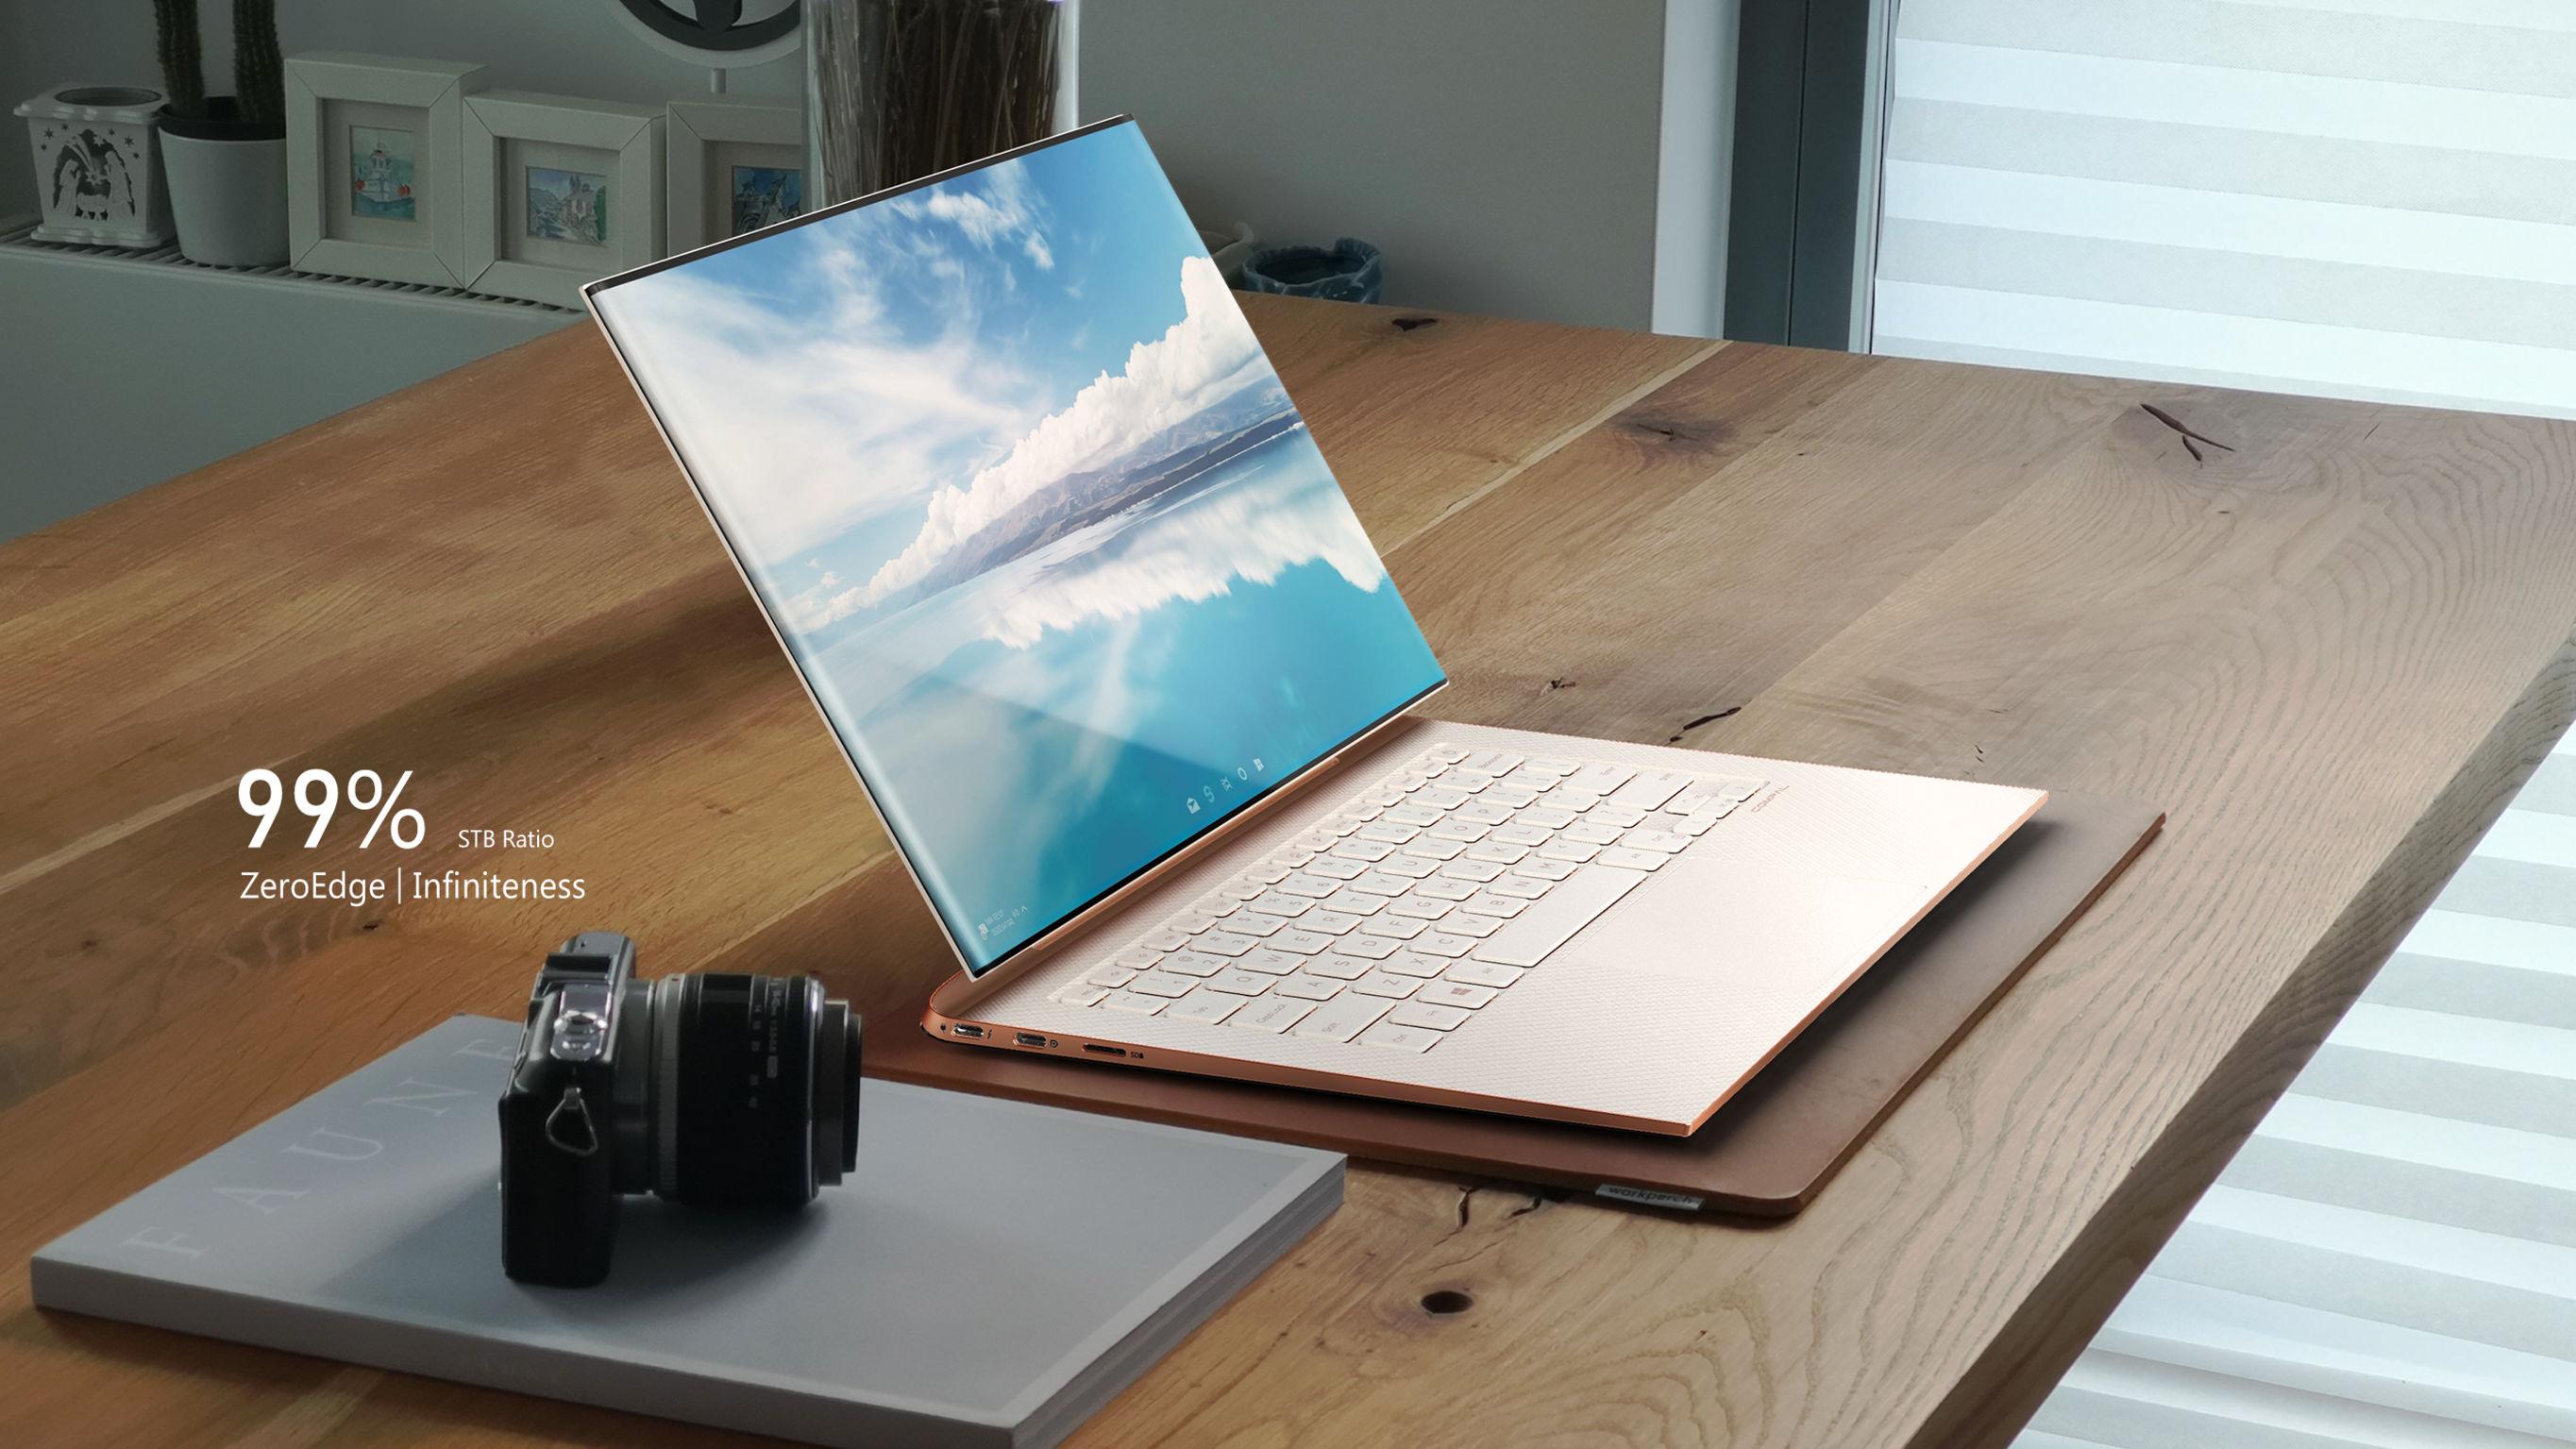 45 Sprachen Laptop mit Touchscreen kompatibel ohne Verbindung//Aufzeichnung///Übersetzung von Fotos f/ür Reisen Zerone Intelligentes /Übersetzungsger/ät